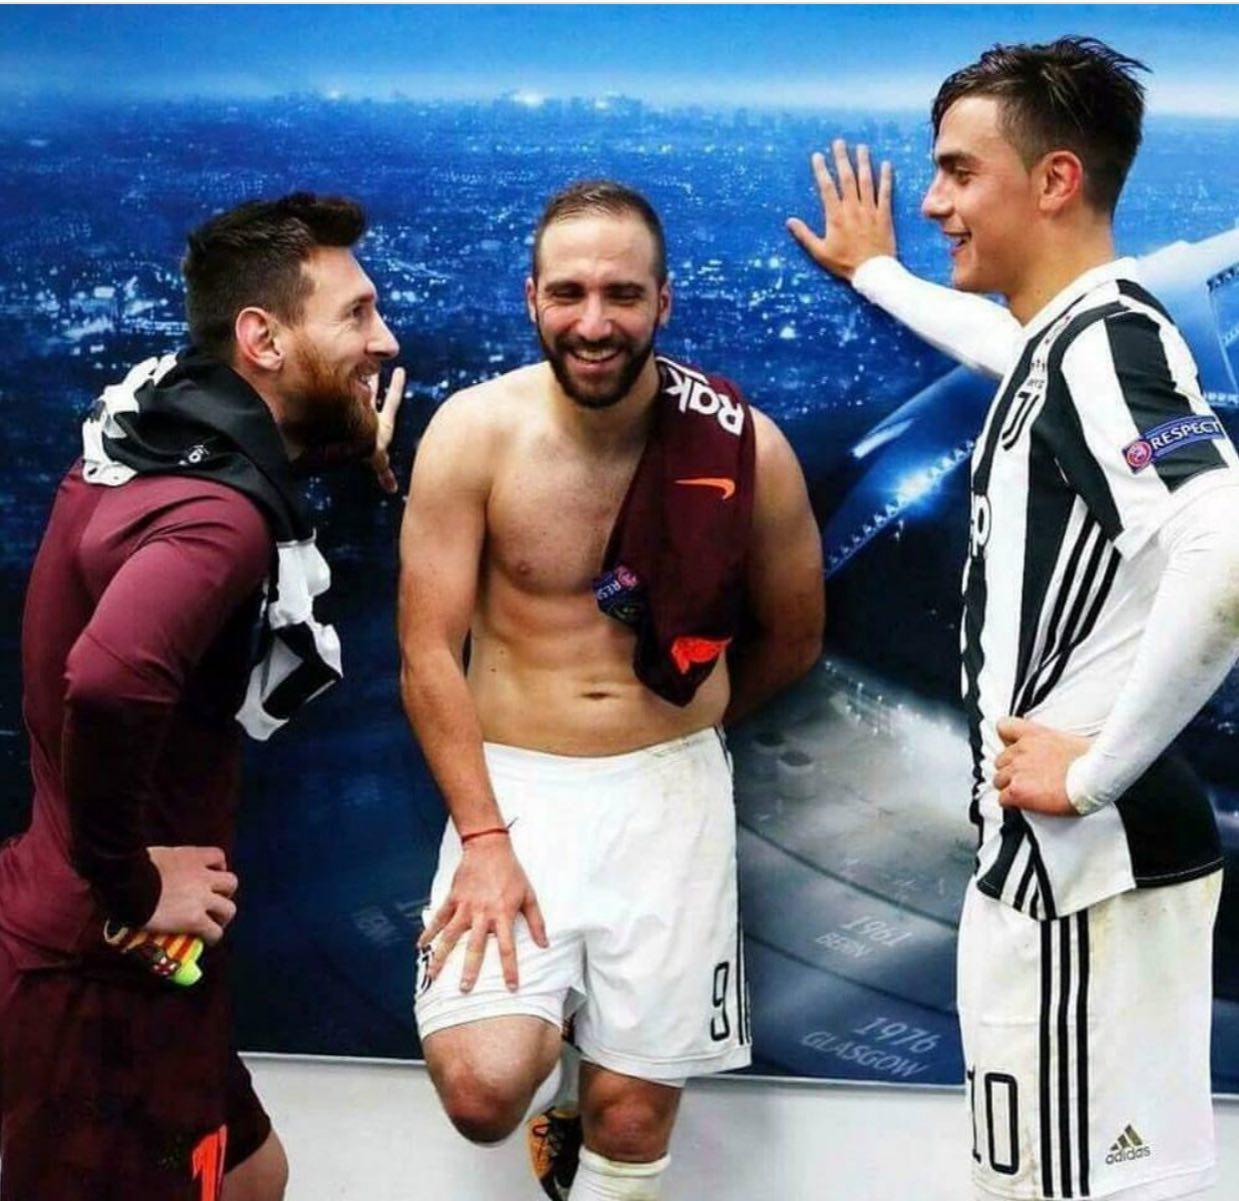 بگوبخند آرژانتینی های بارسا ویووه بعدازناکامی دیشب